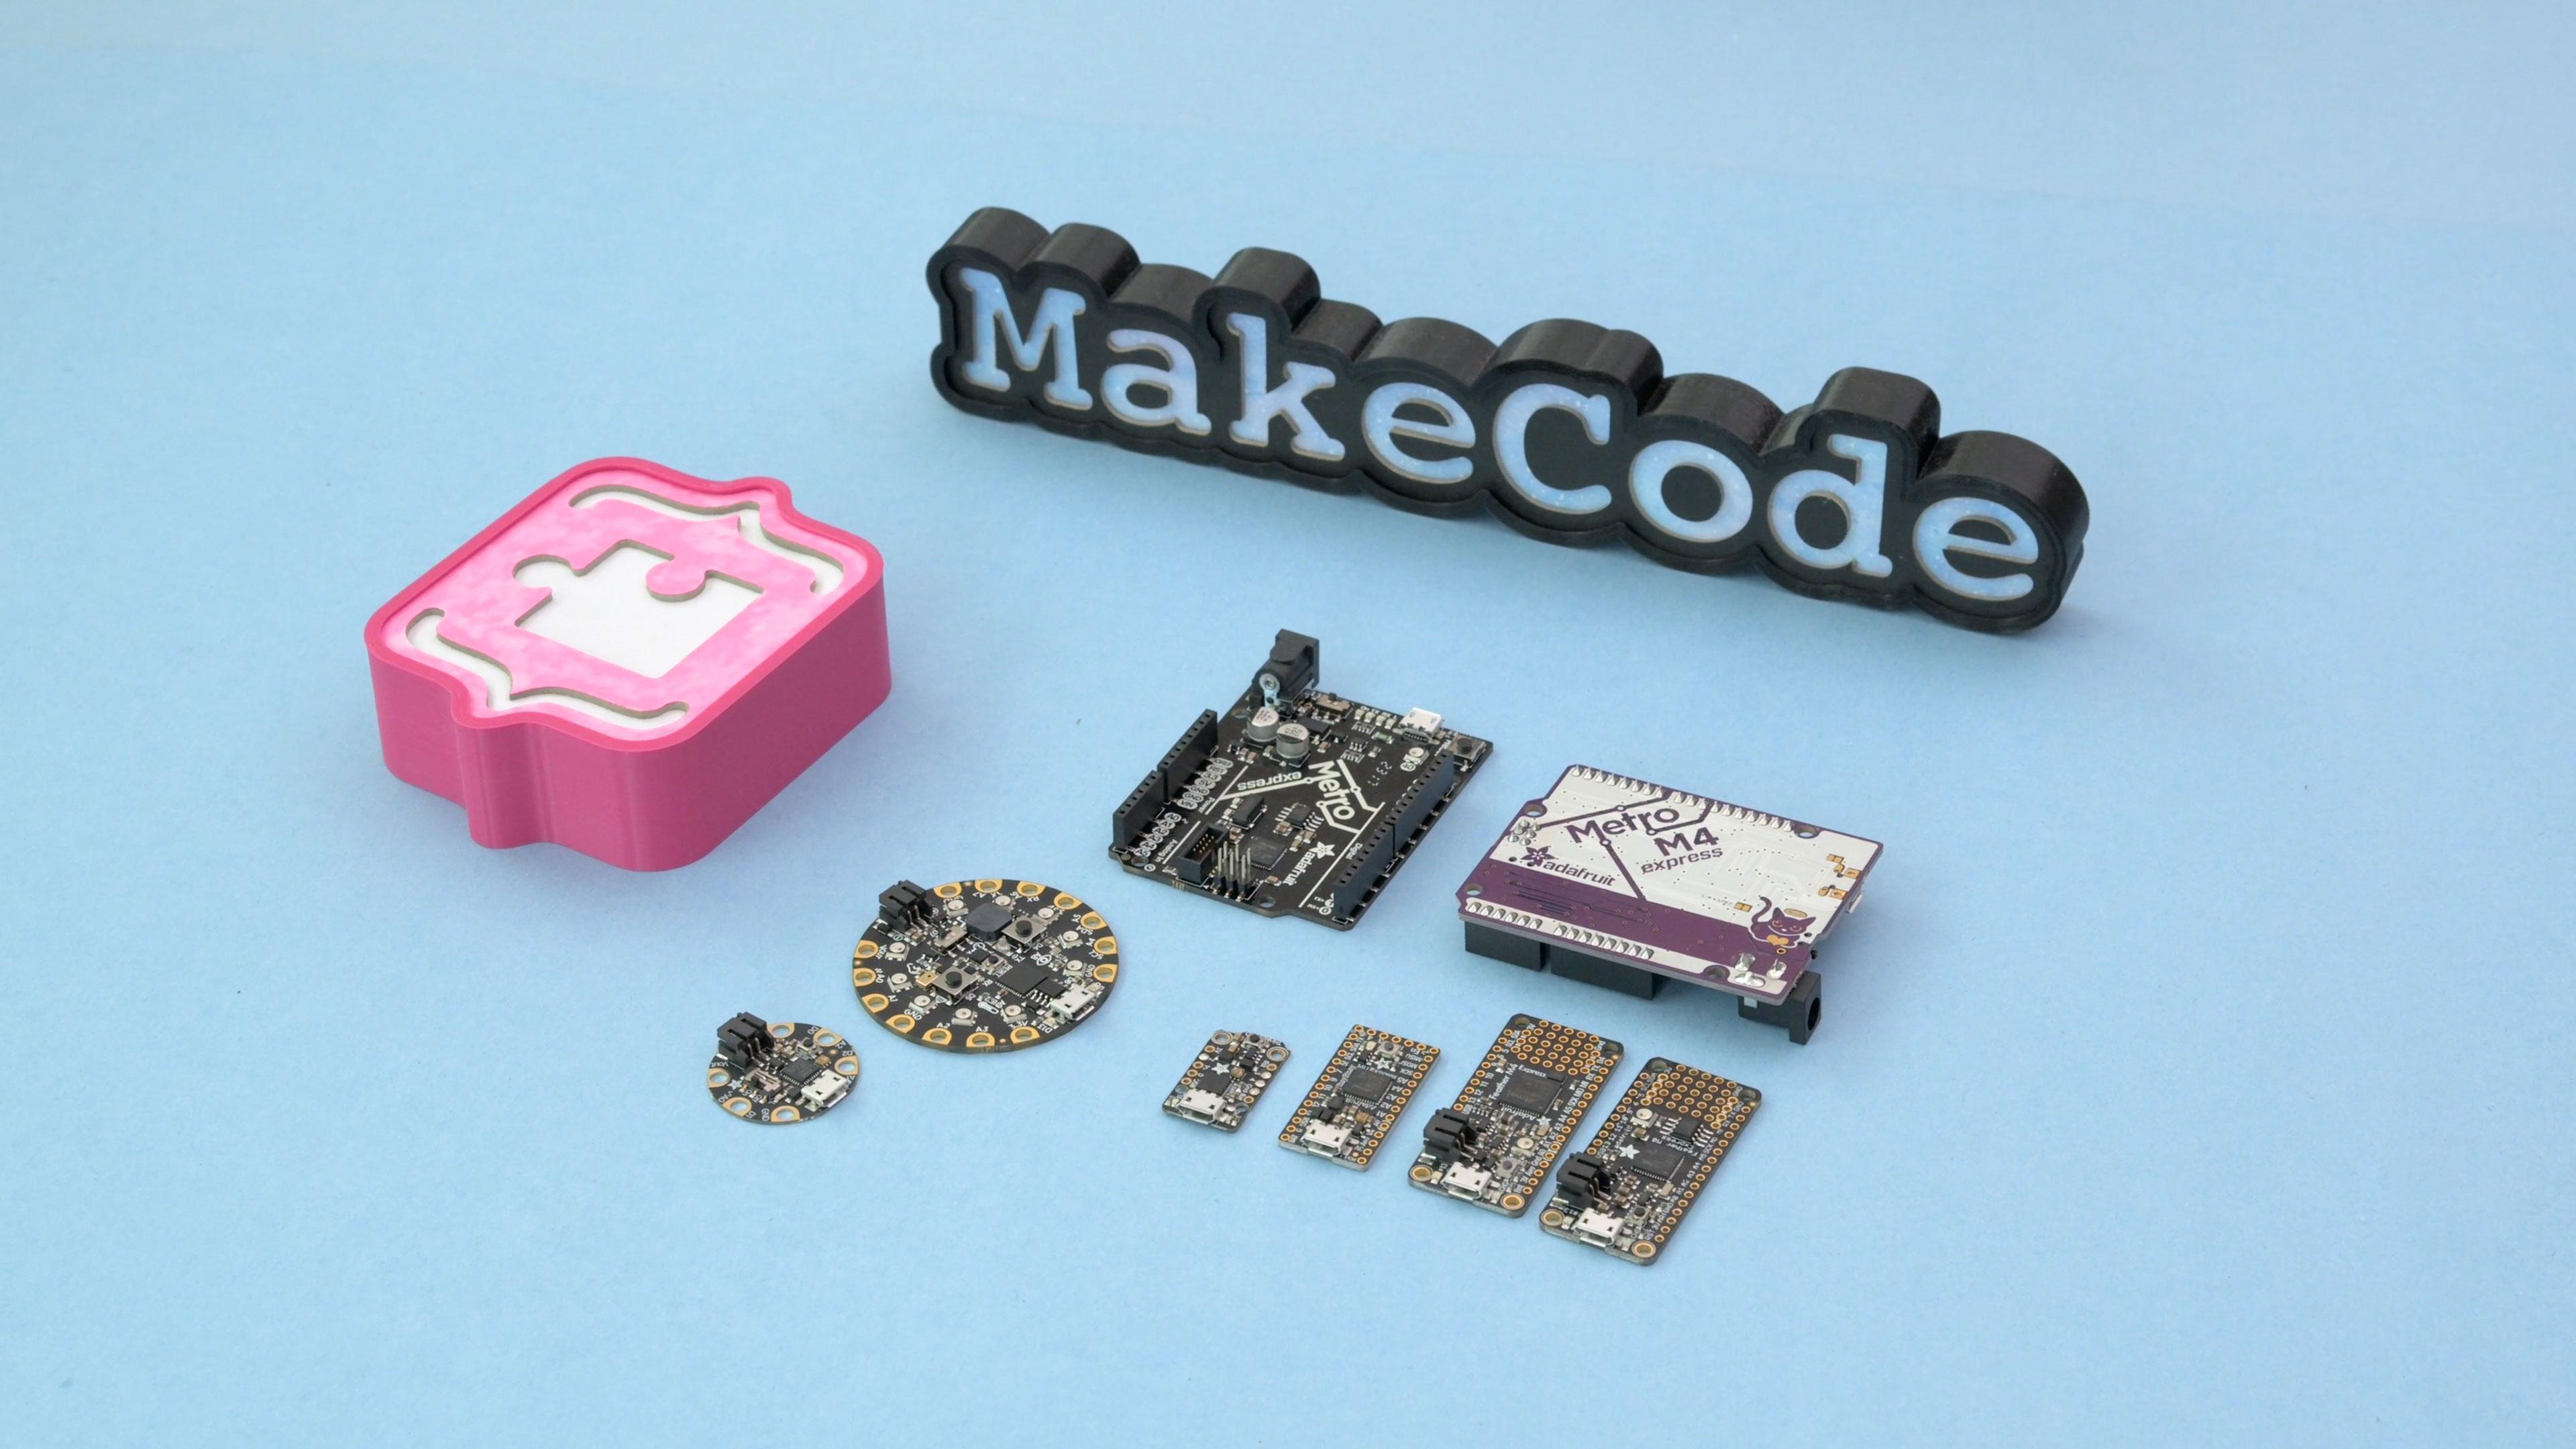 leds_makecode-boards.jpg